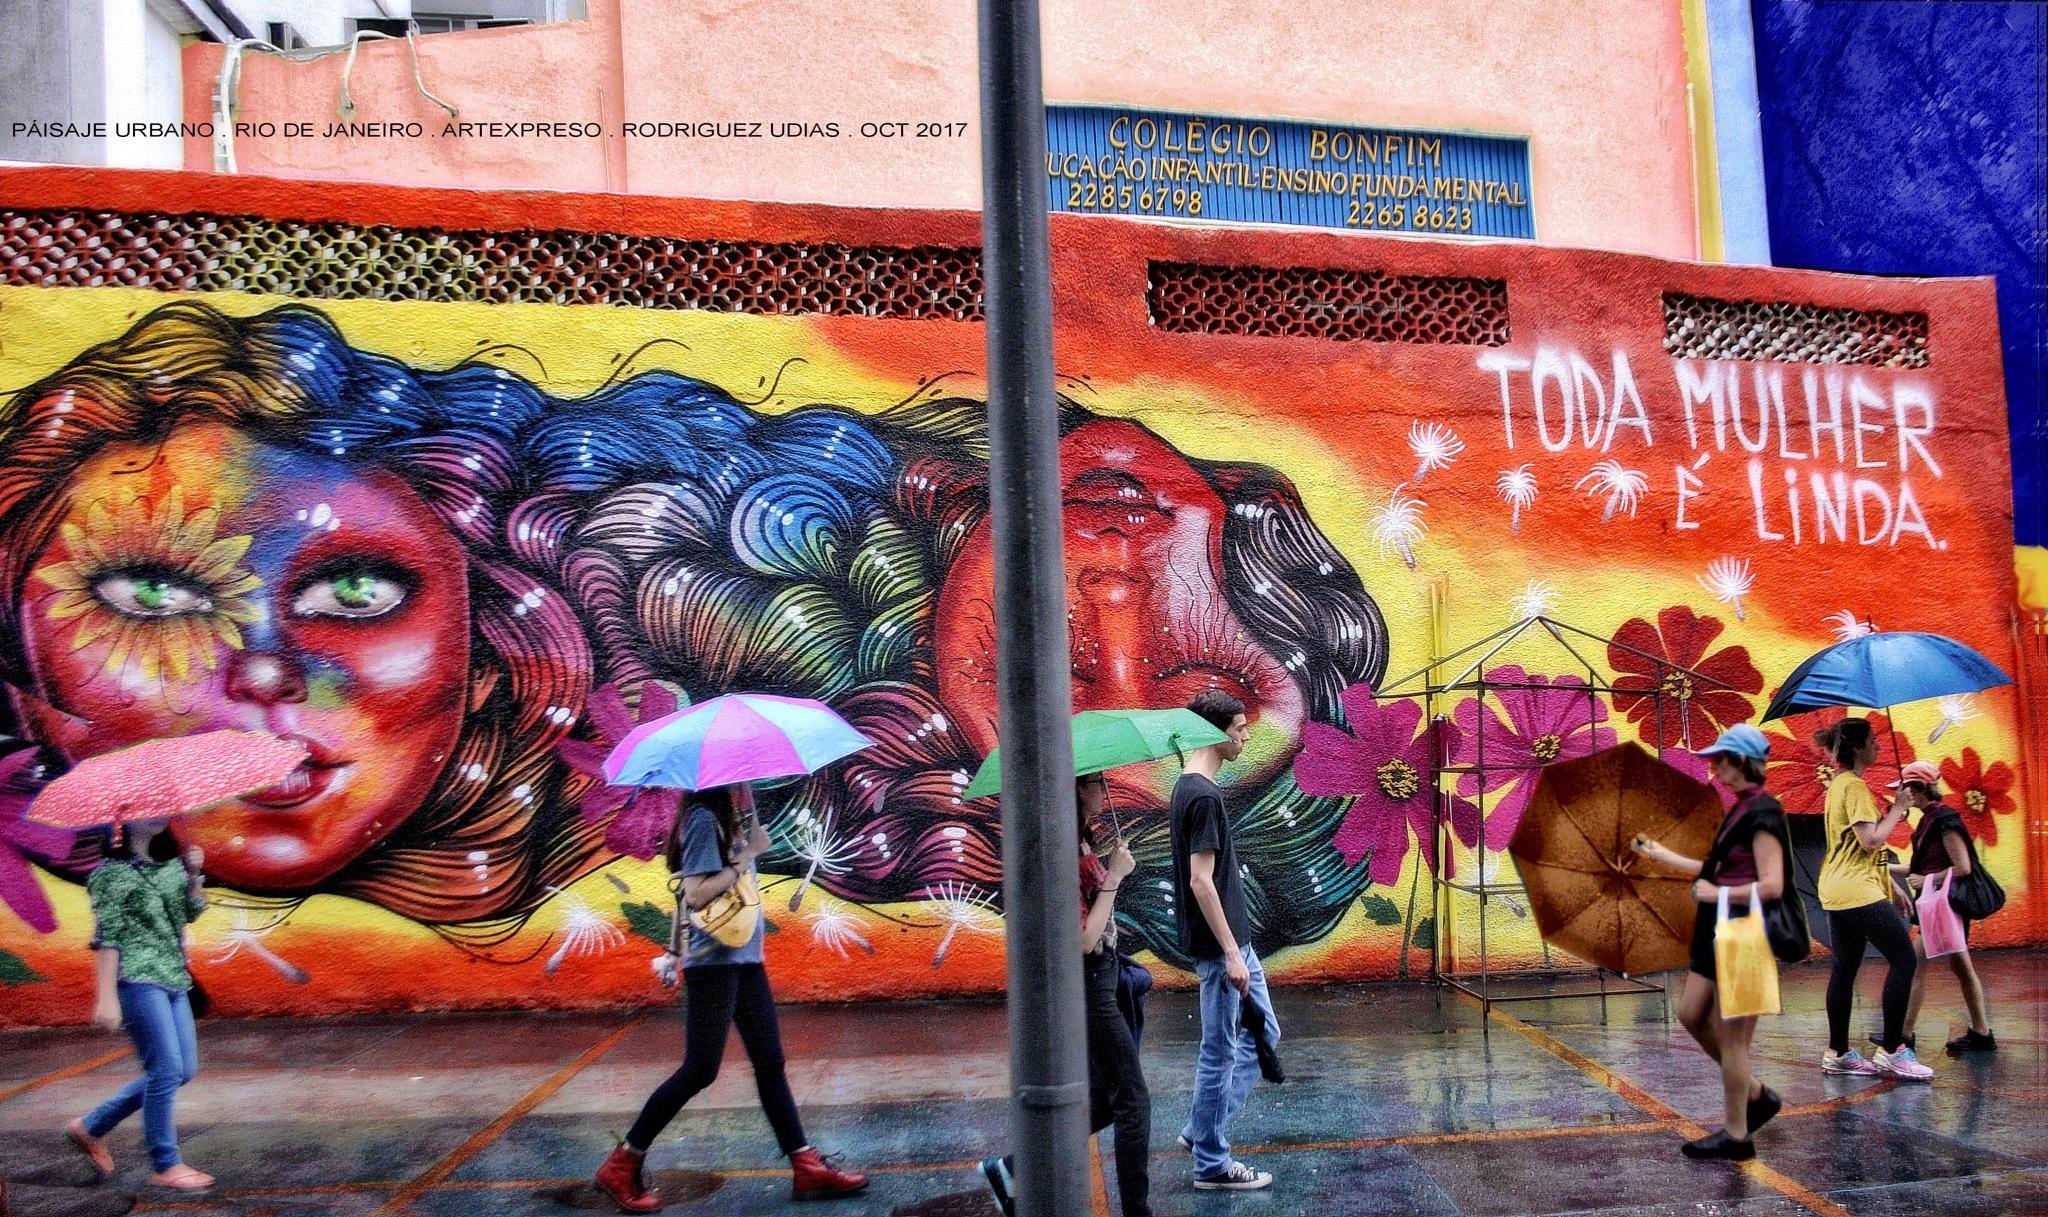 PAISAJE URBANO . RIO DE JANEIRO / ARTEXPRESO 2017 by  Artexpreso